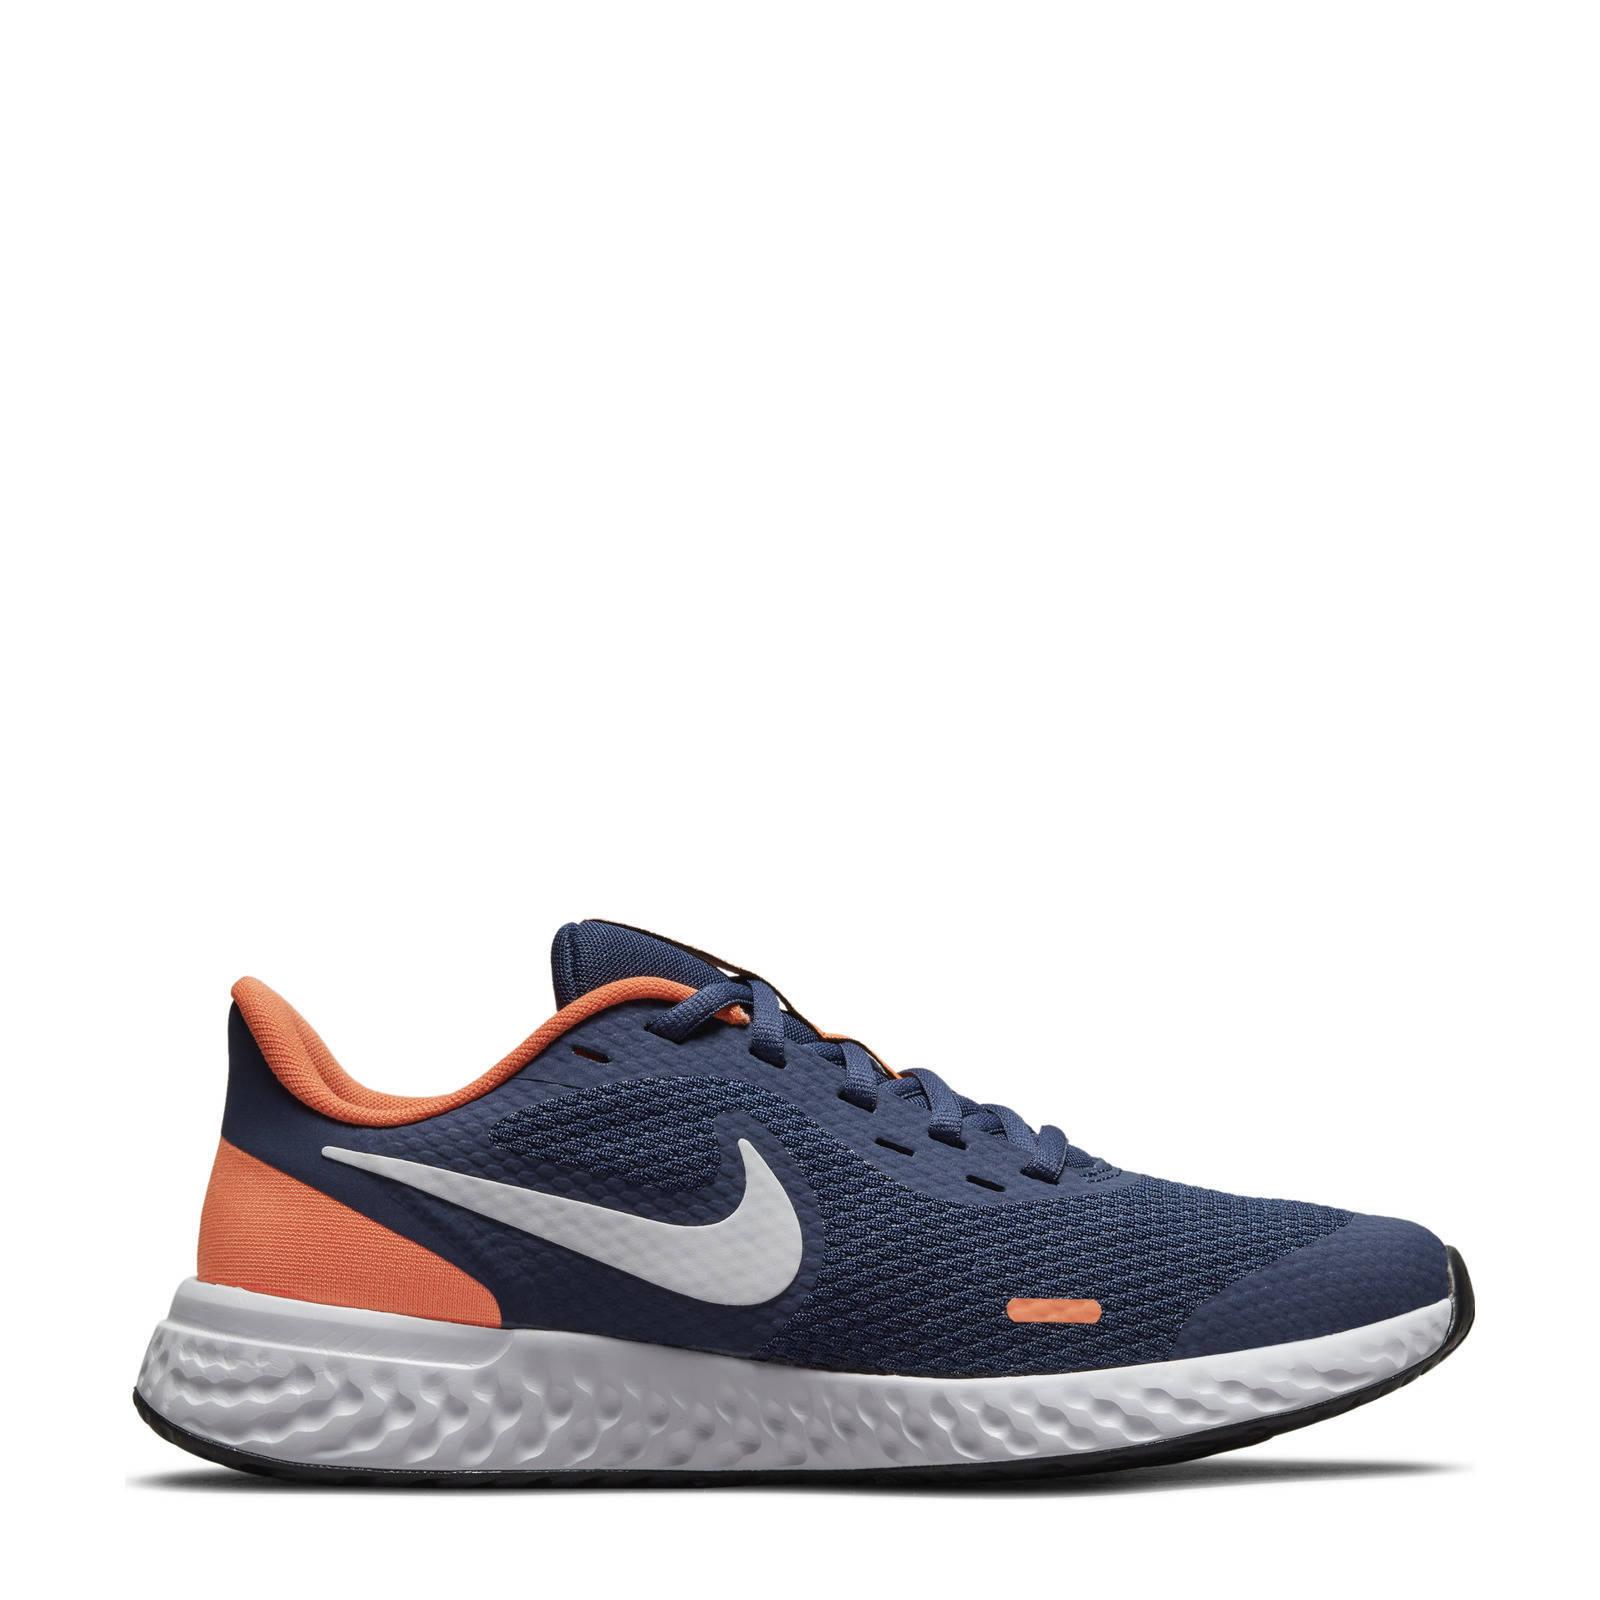 Nike Kids Nike Revolution 5 Hardloopschoenen voor kids (straat) Blauw online kopen